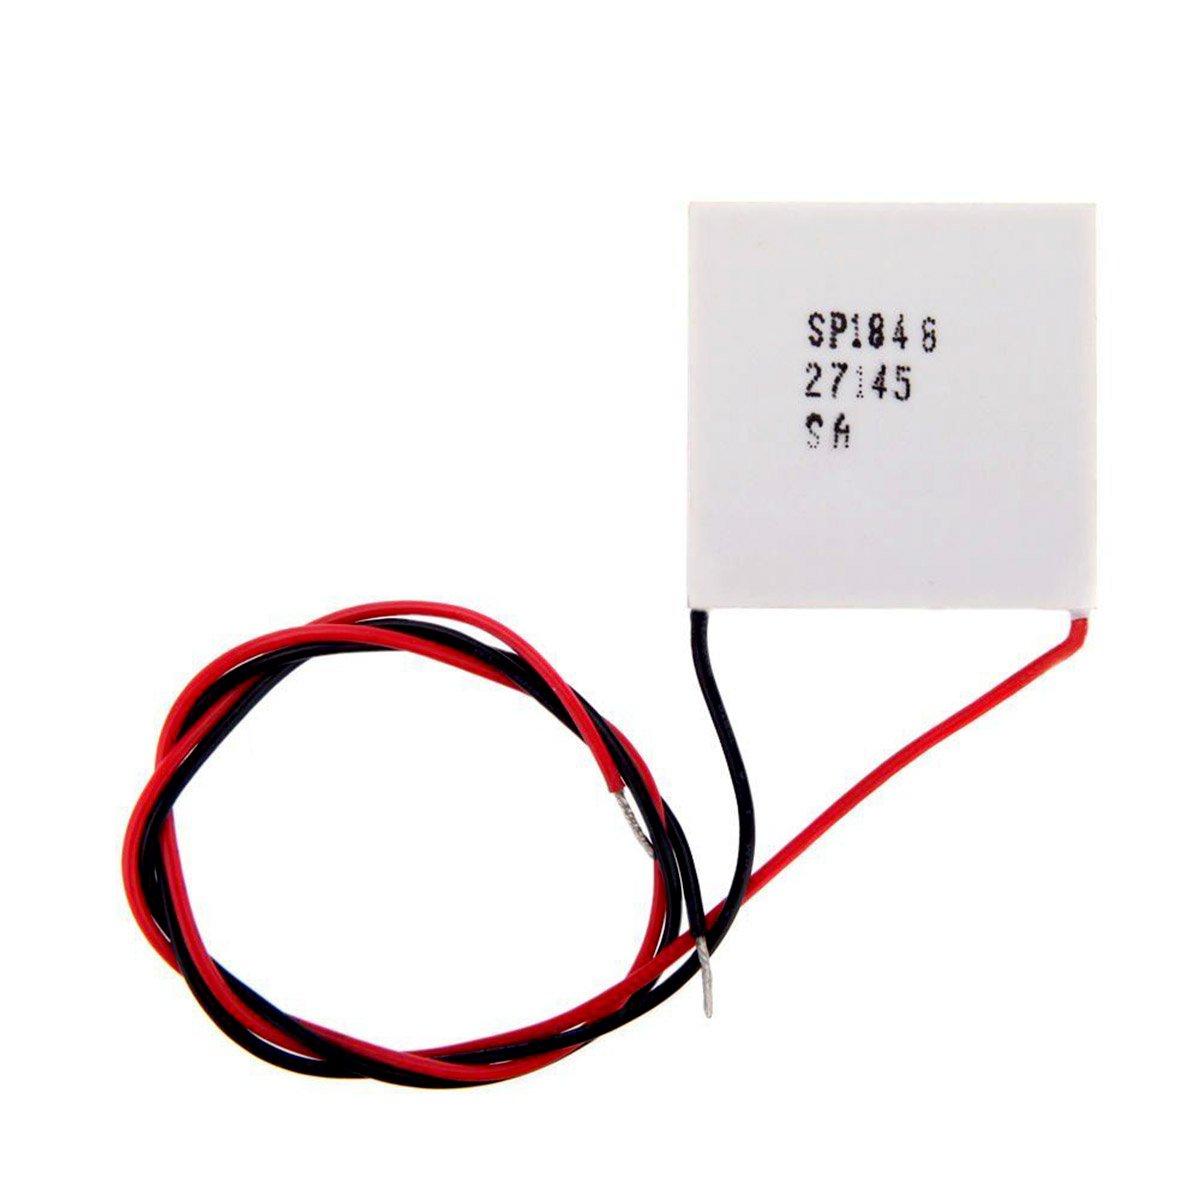 BNFUK 40x40mm Nuovo utile generatore d lta temperatura semiconduttore del generatore termoelettrico semplice